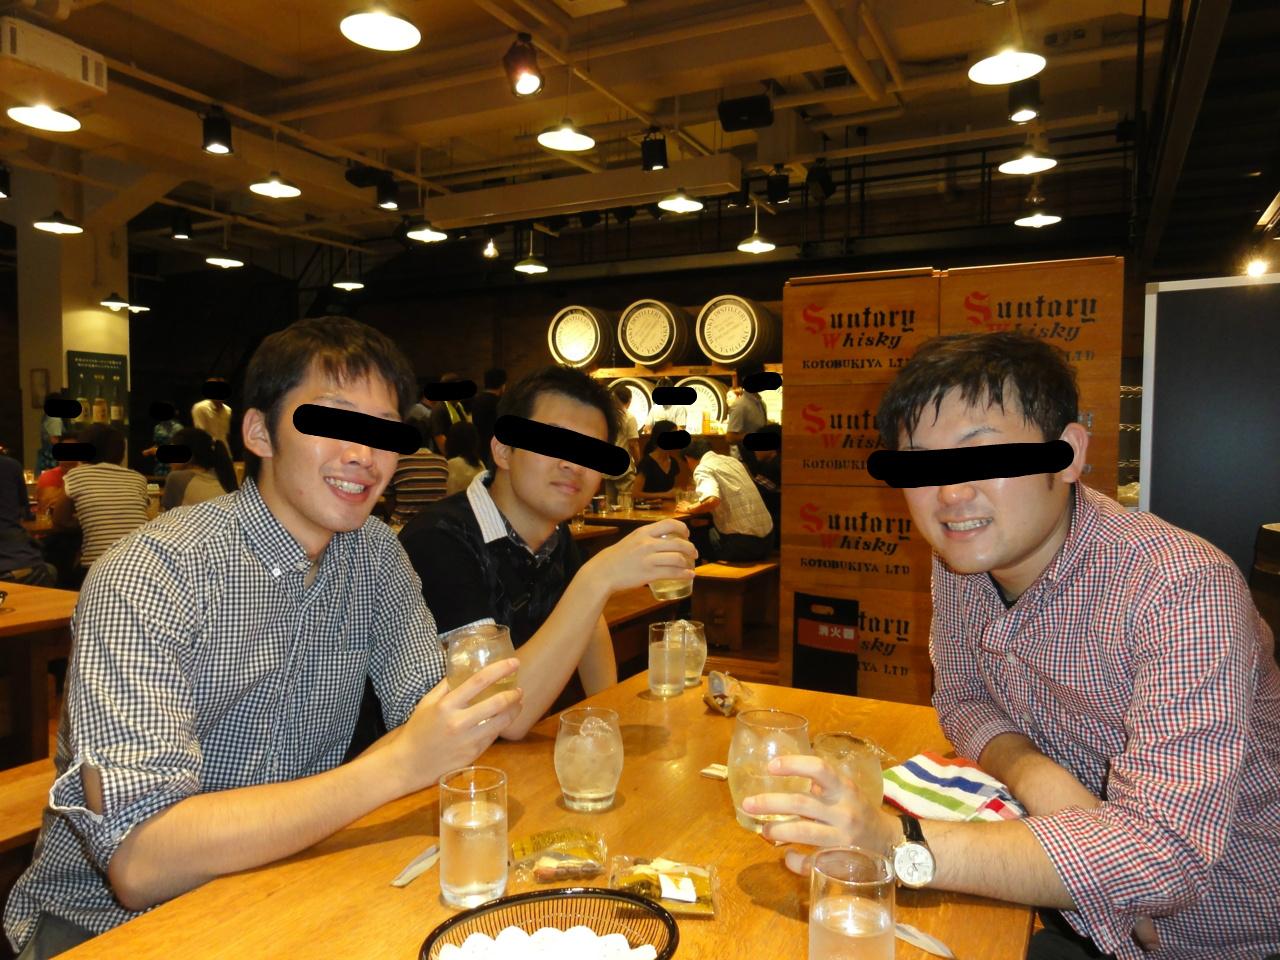 f:id:M-I-5:20120916104258j:image:w320